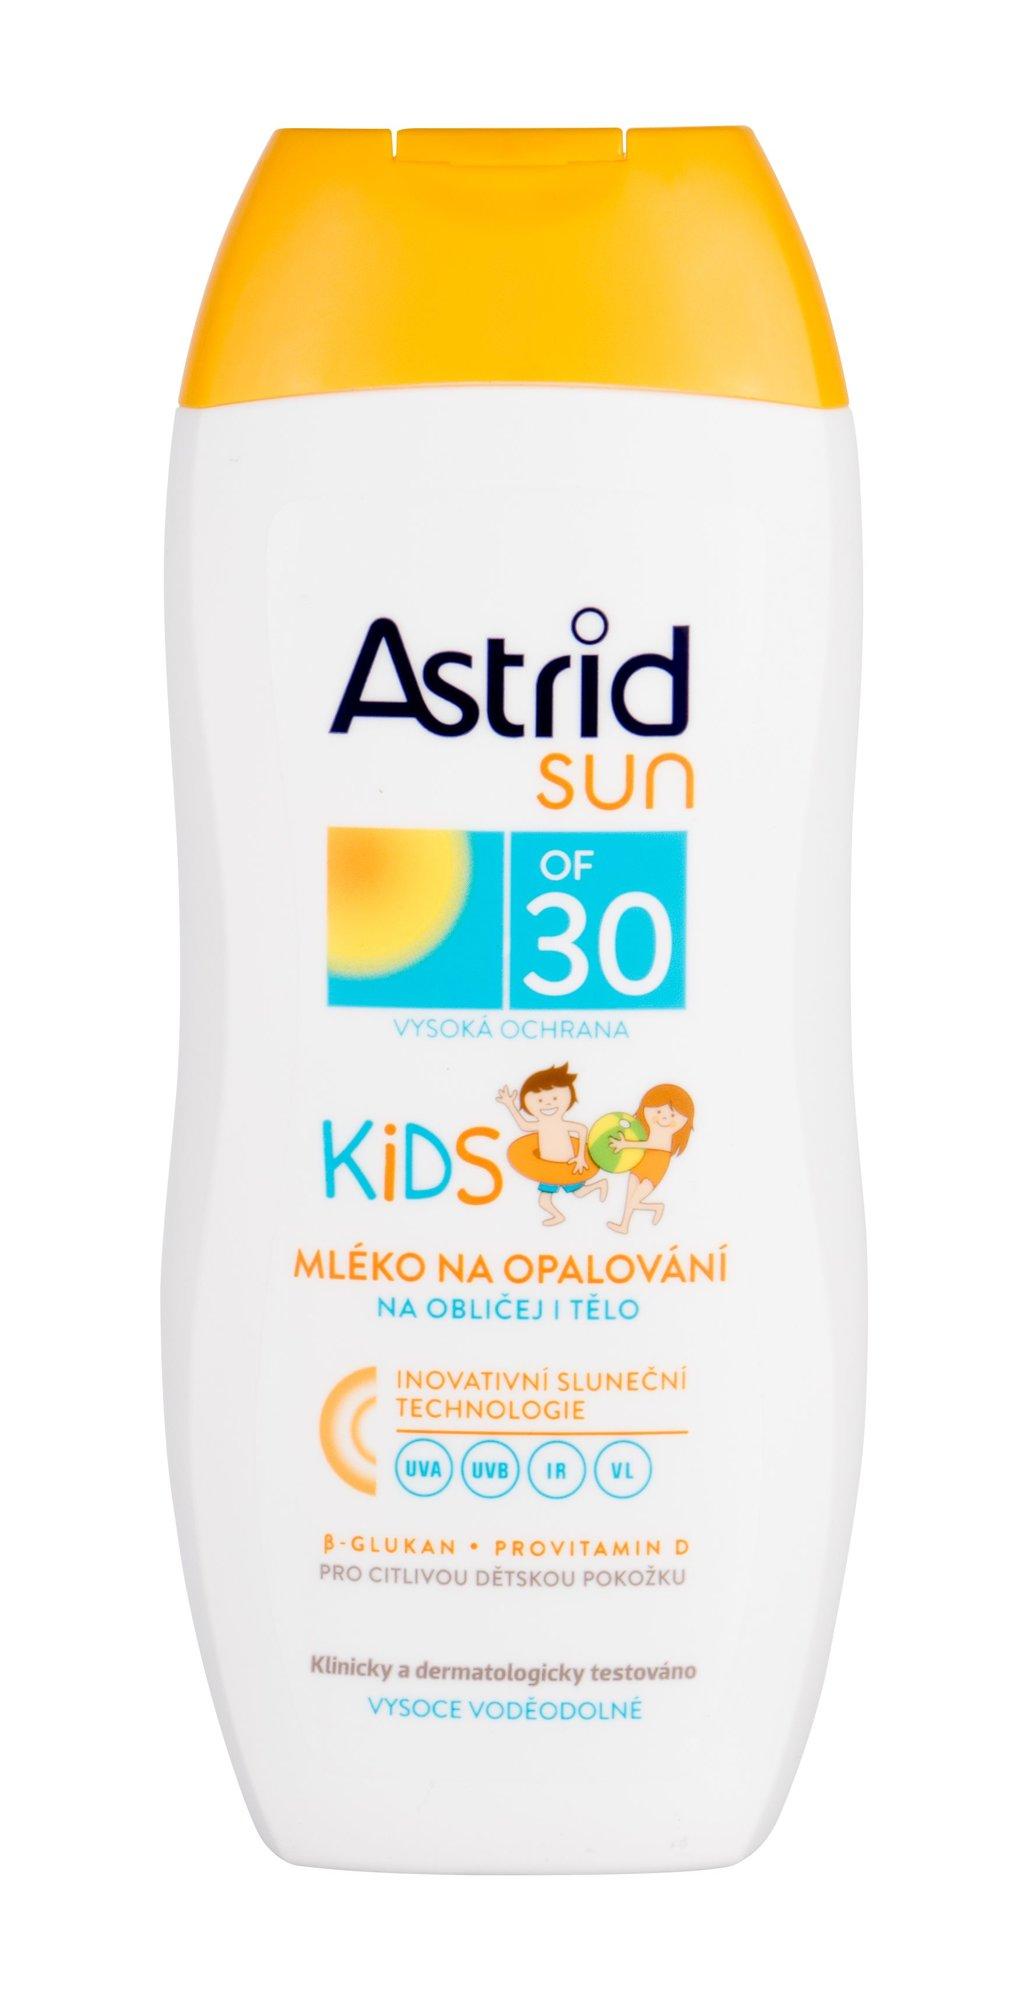 Astrid Sun Kids Sun Body Lotion 200ml